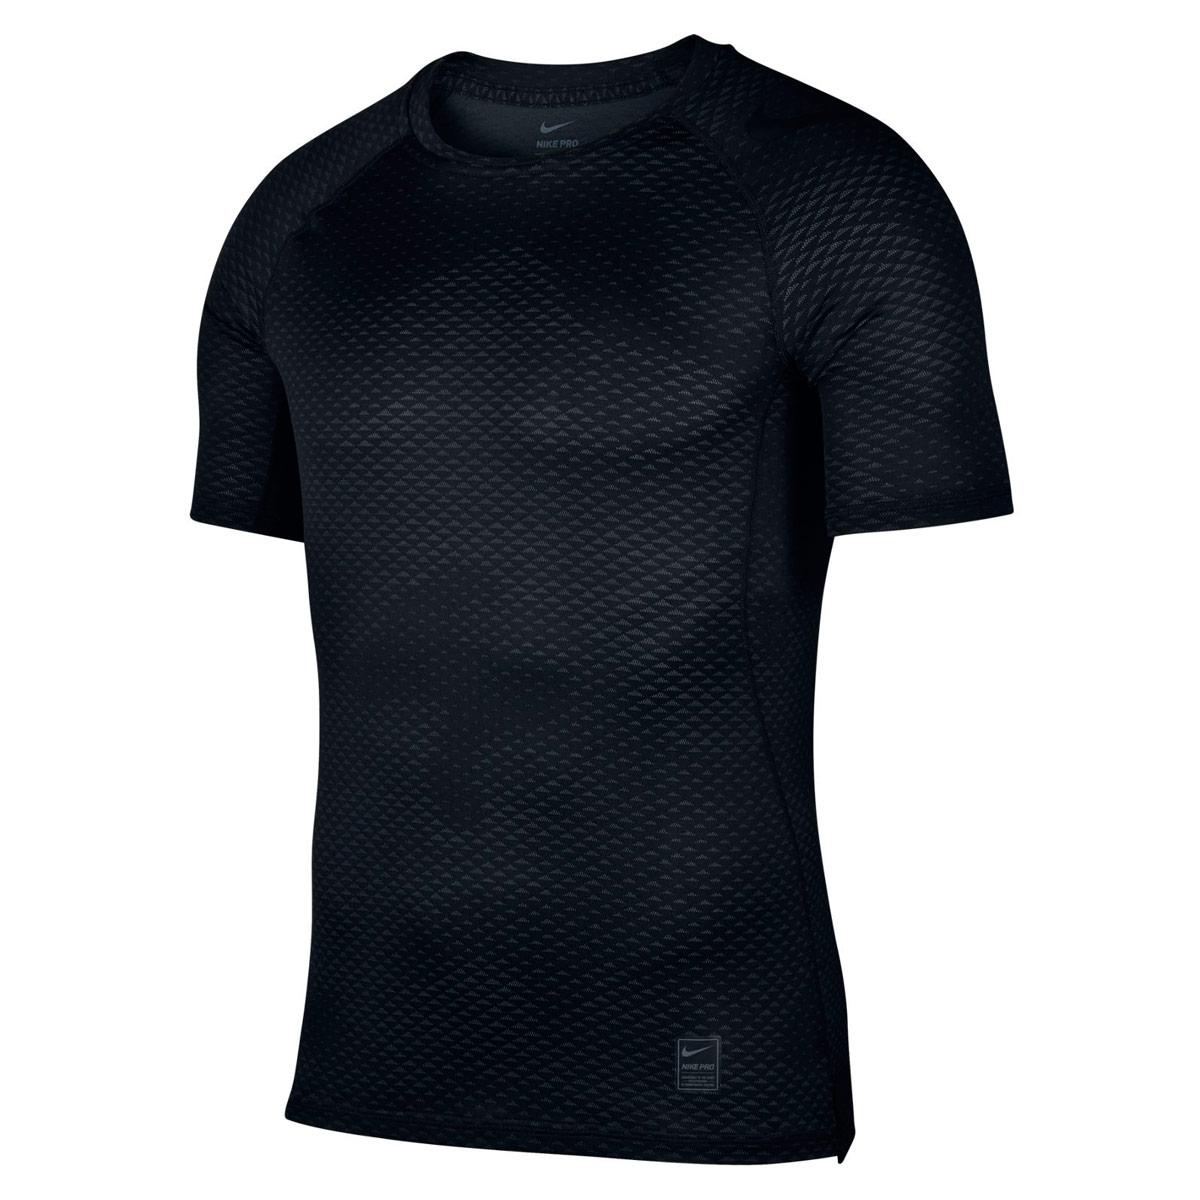 Nike Pro HyperCool Top - Fitnessshirts für Herren - Schwarz